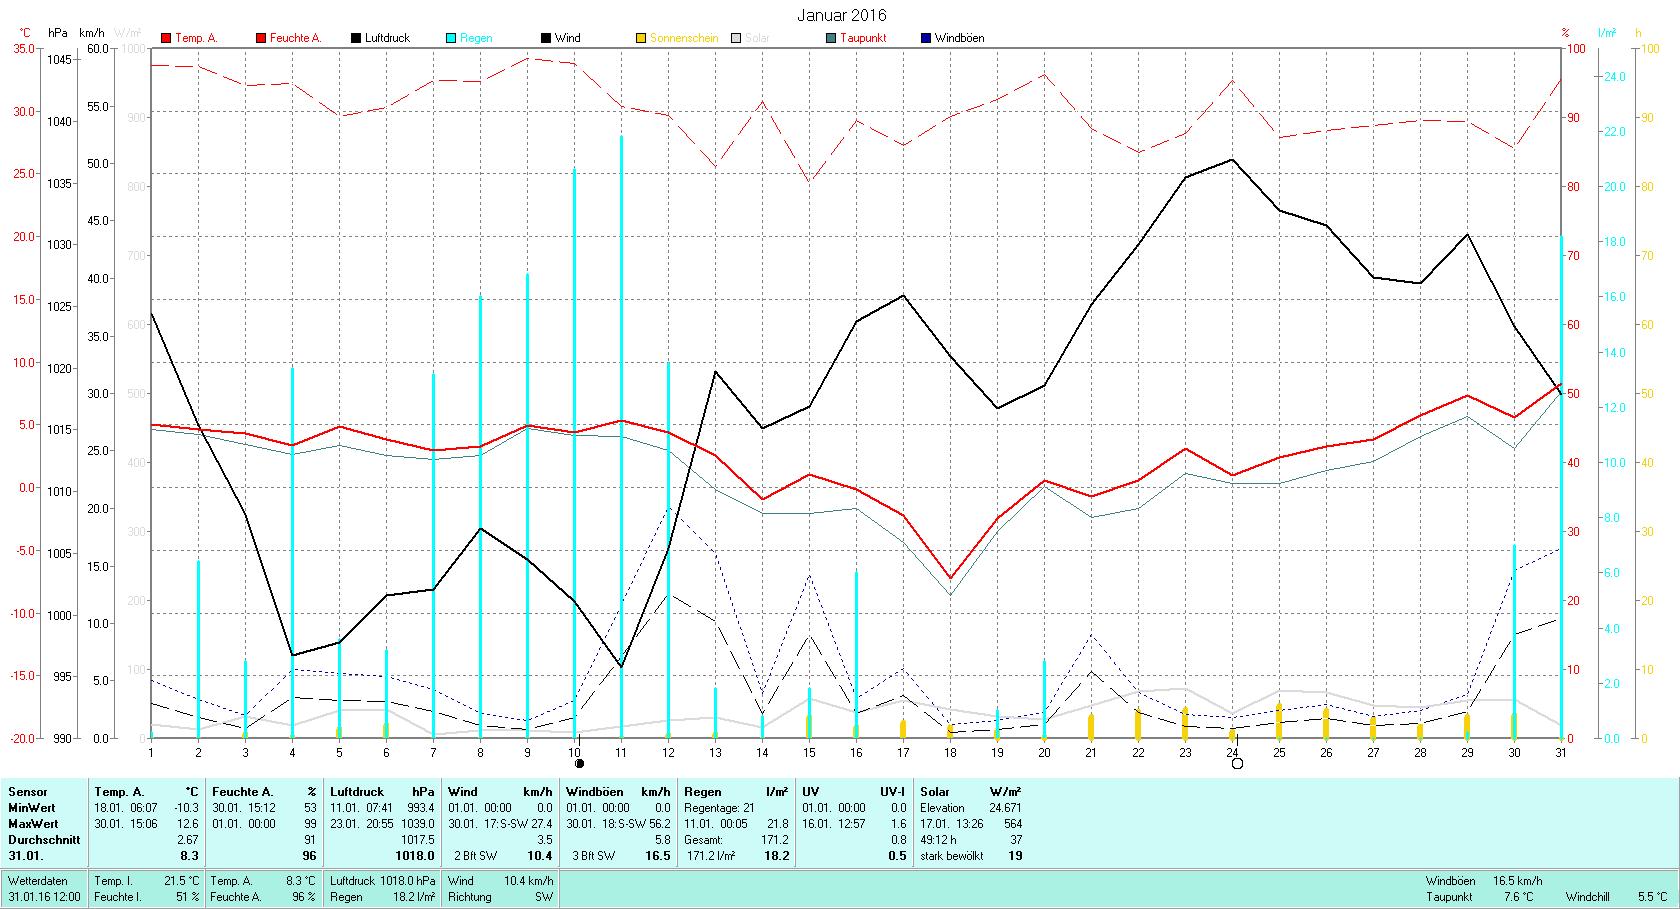 Januar 2016 Tmin -10.3°C, Tmax 12.6°C, Sonne 49:12h, Niederschlag 171.2mm/2